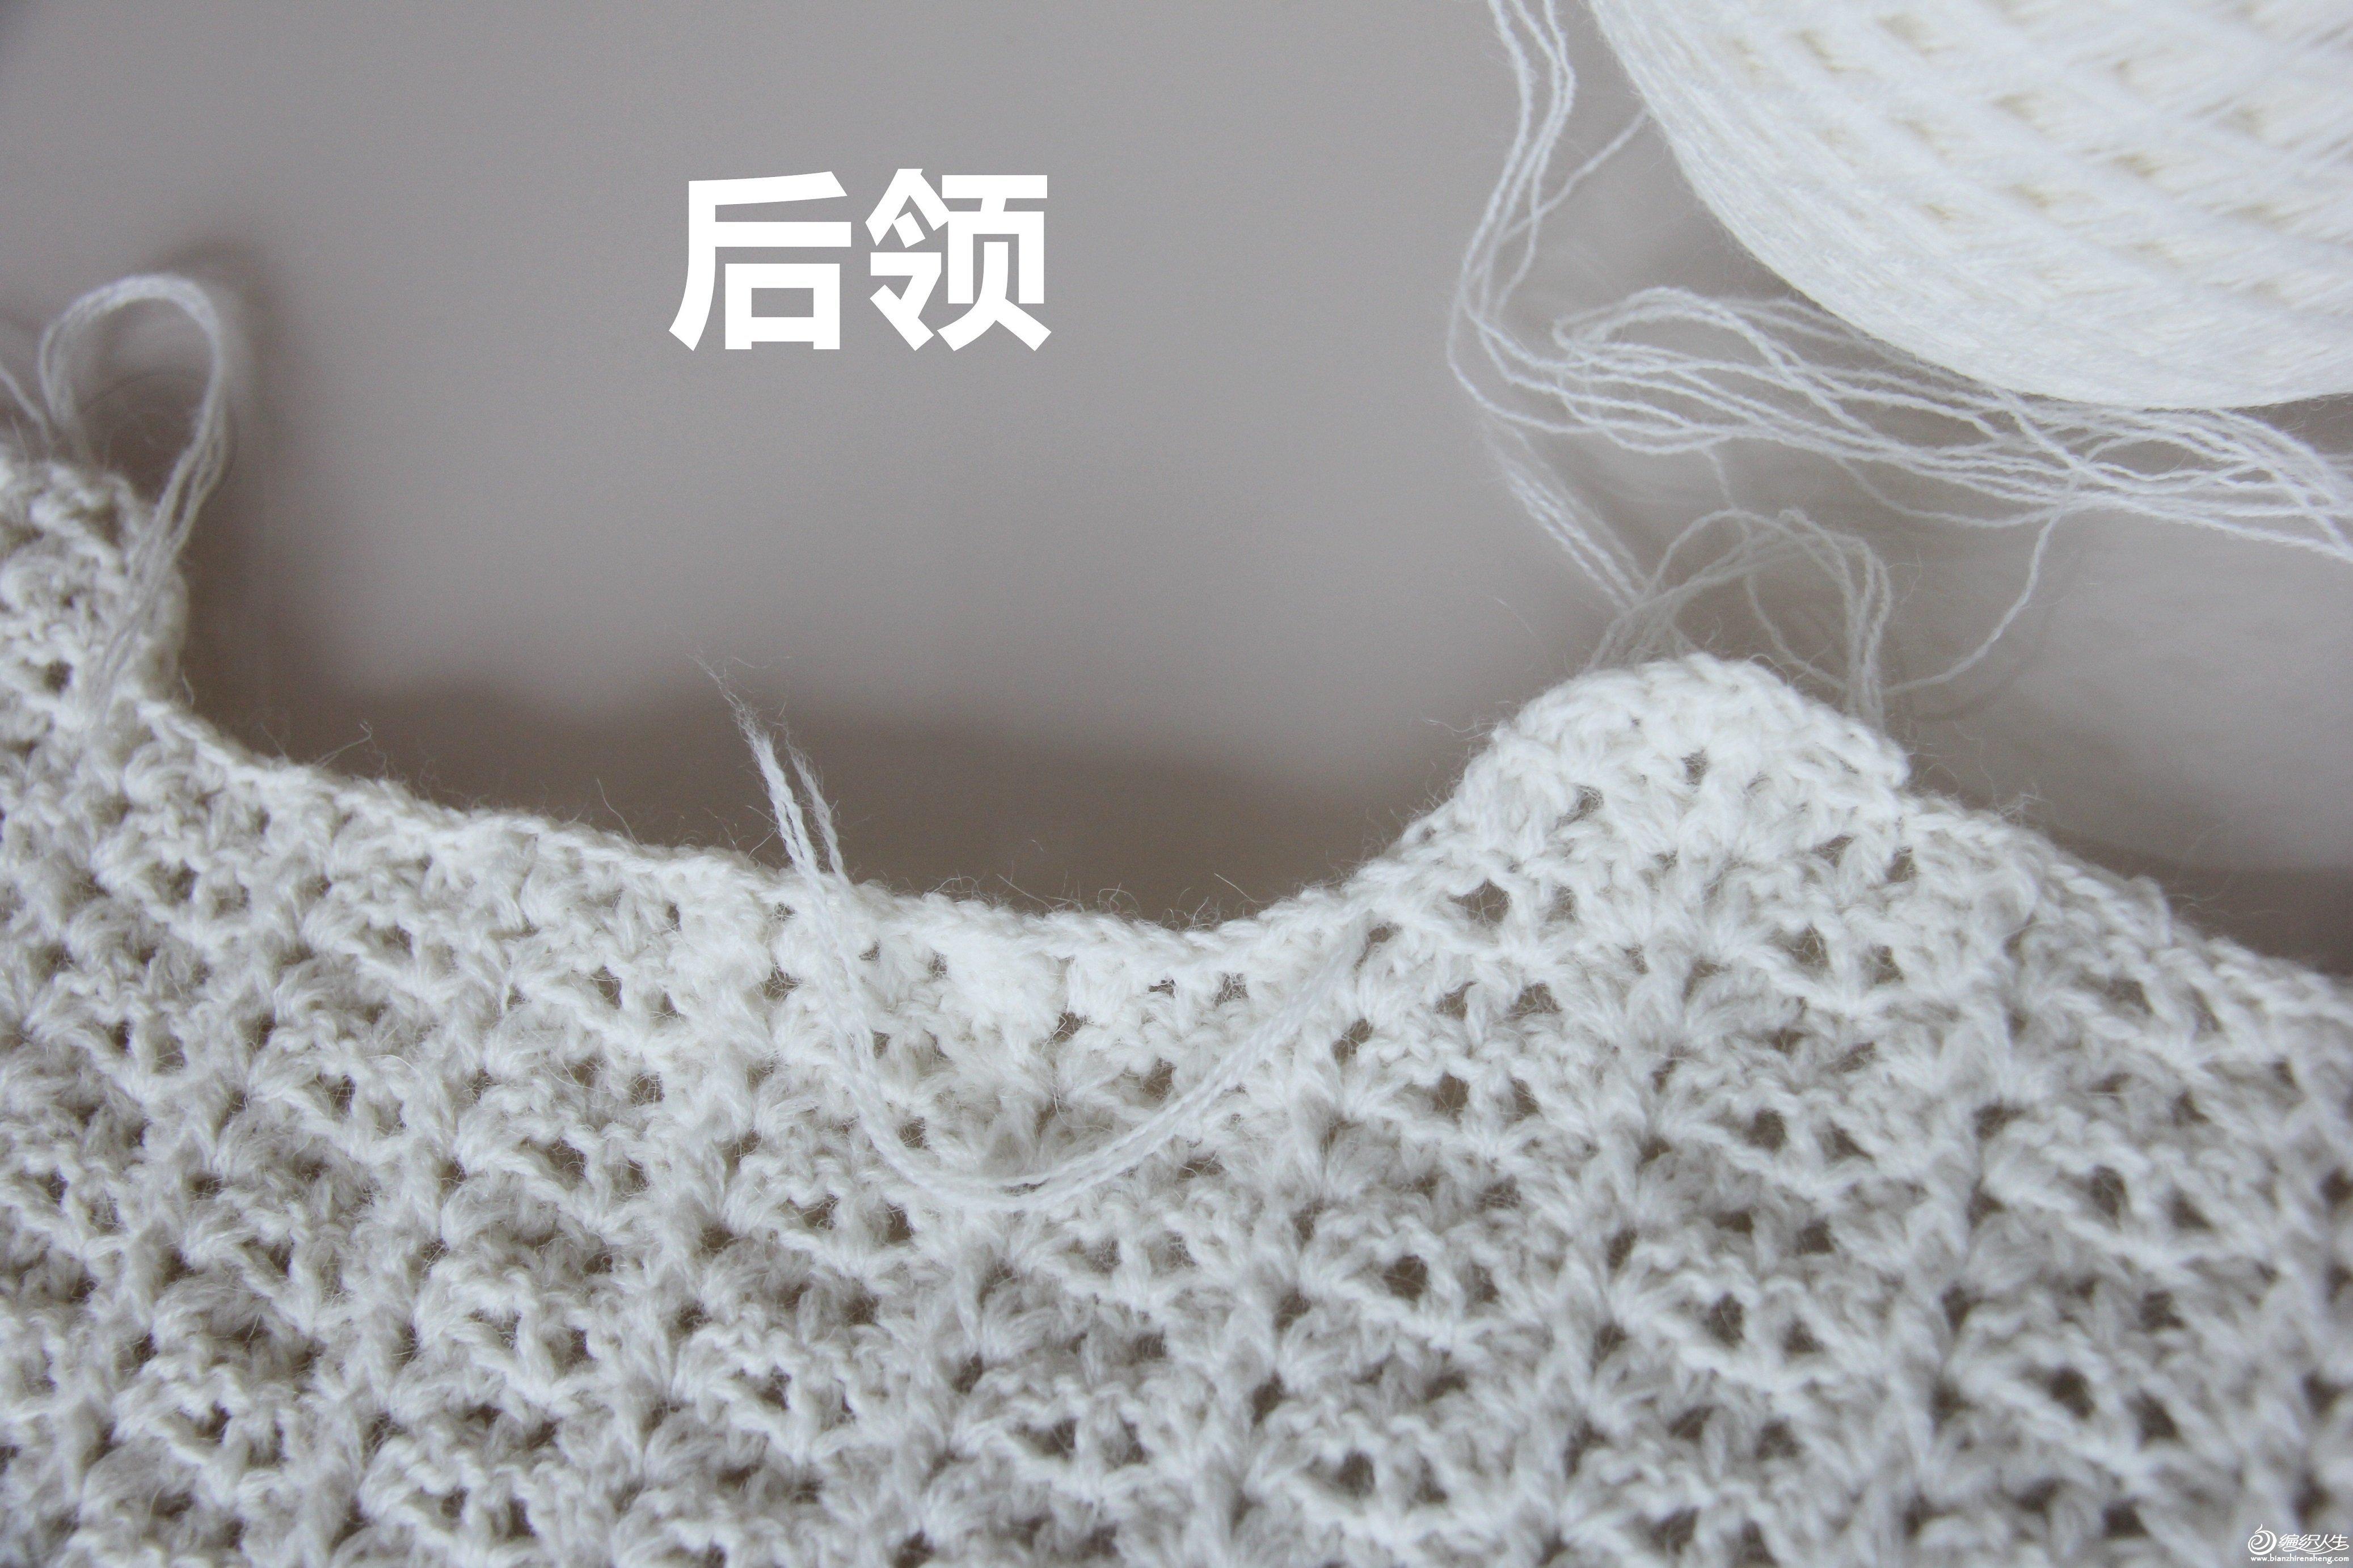 【引用】倾城--秋日羊驼绒极简钩针外套1619 - 壹一 - 壹一编织博客